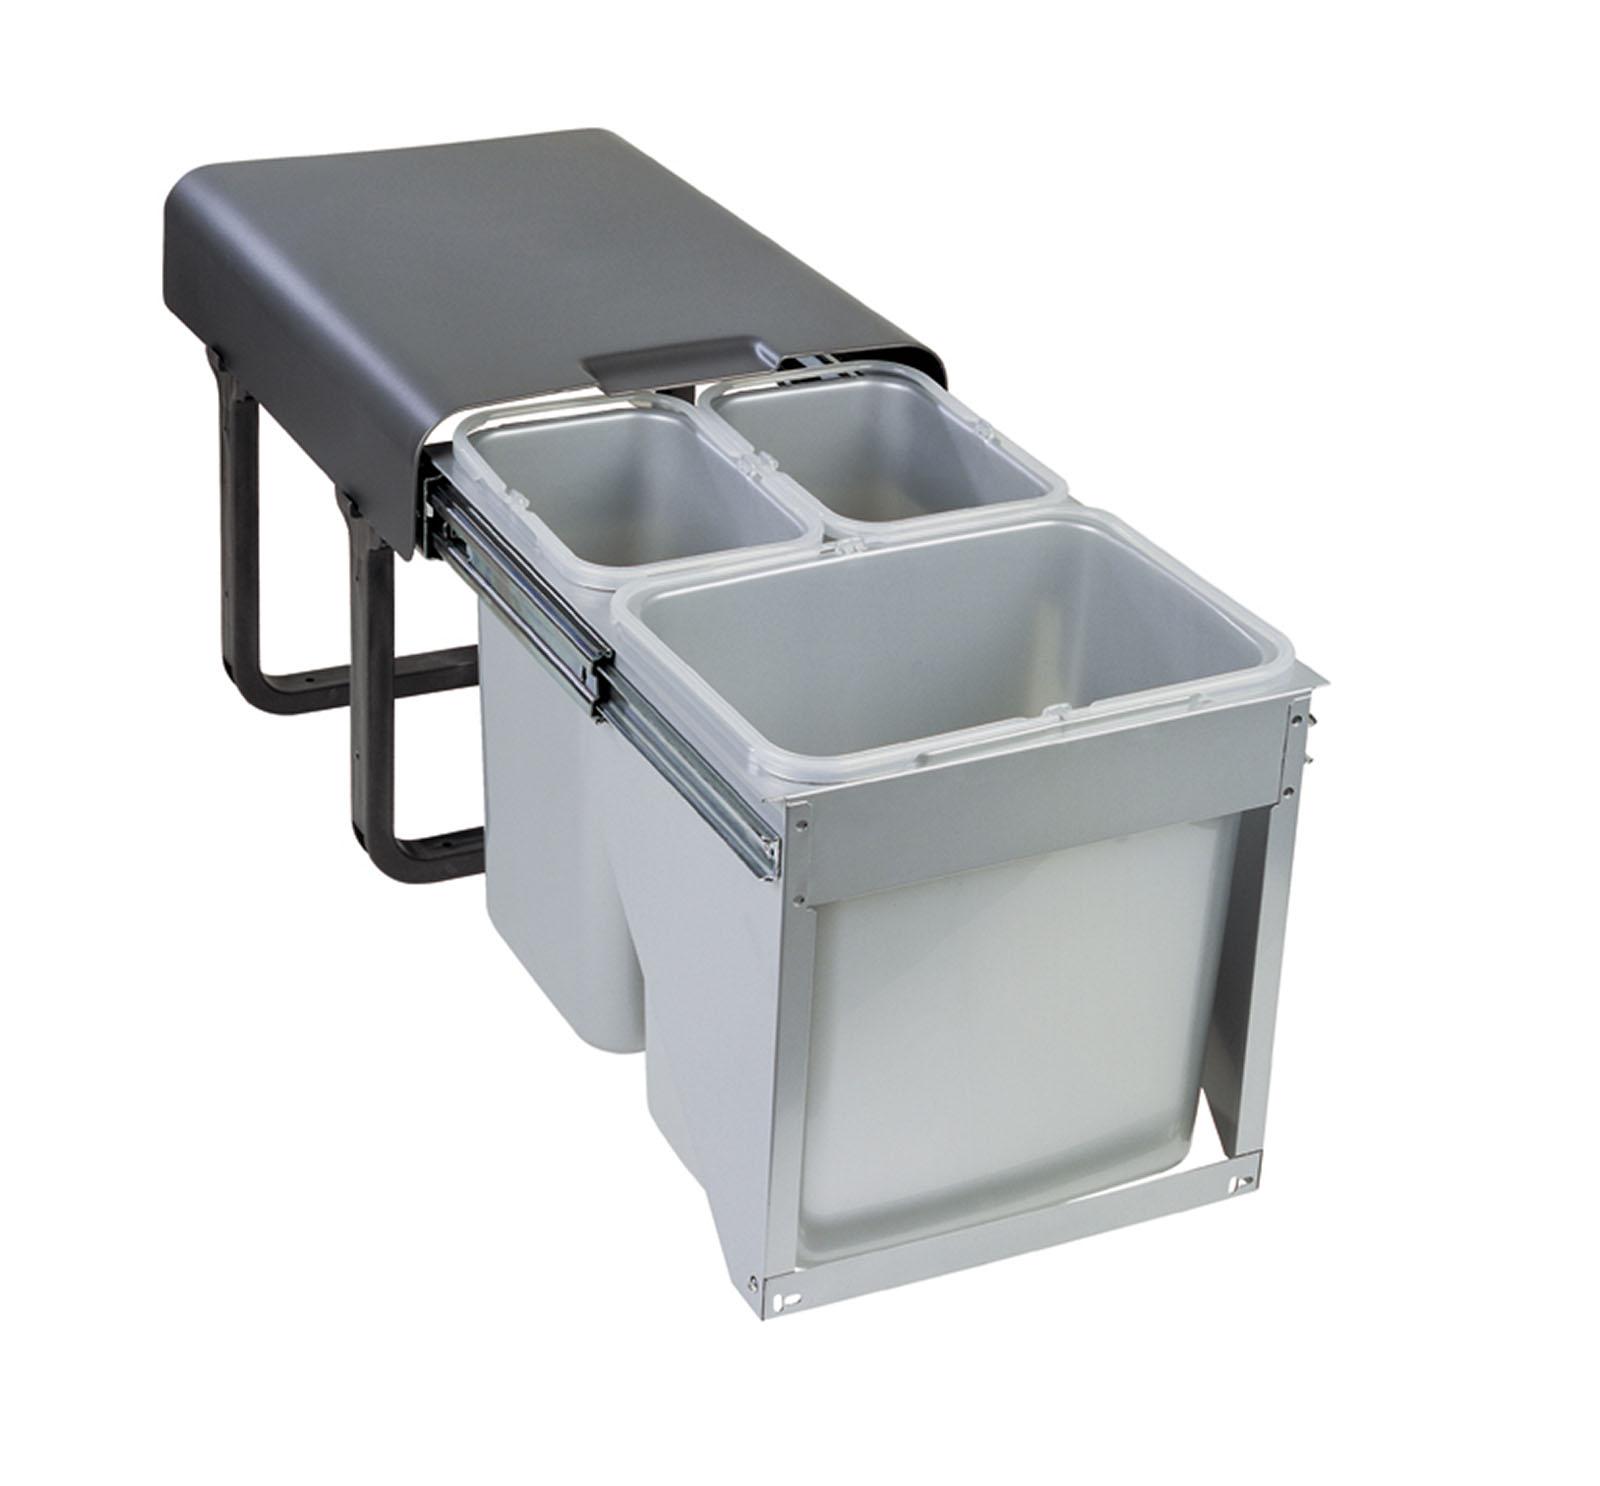 Sinks EKKO FRONT 40 2x8l+ 1x16l